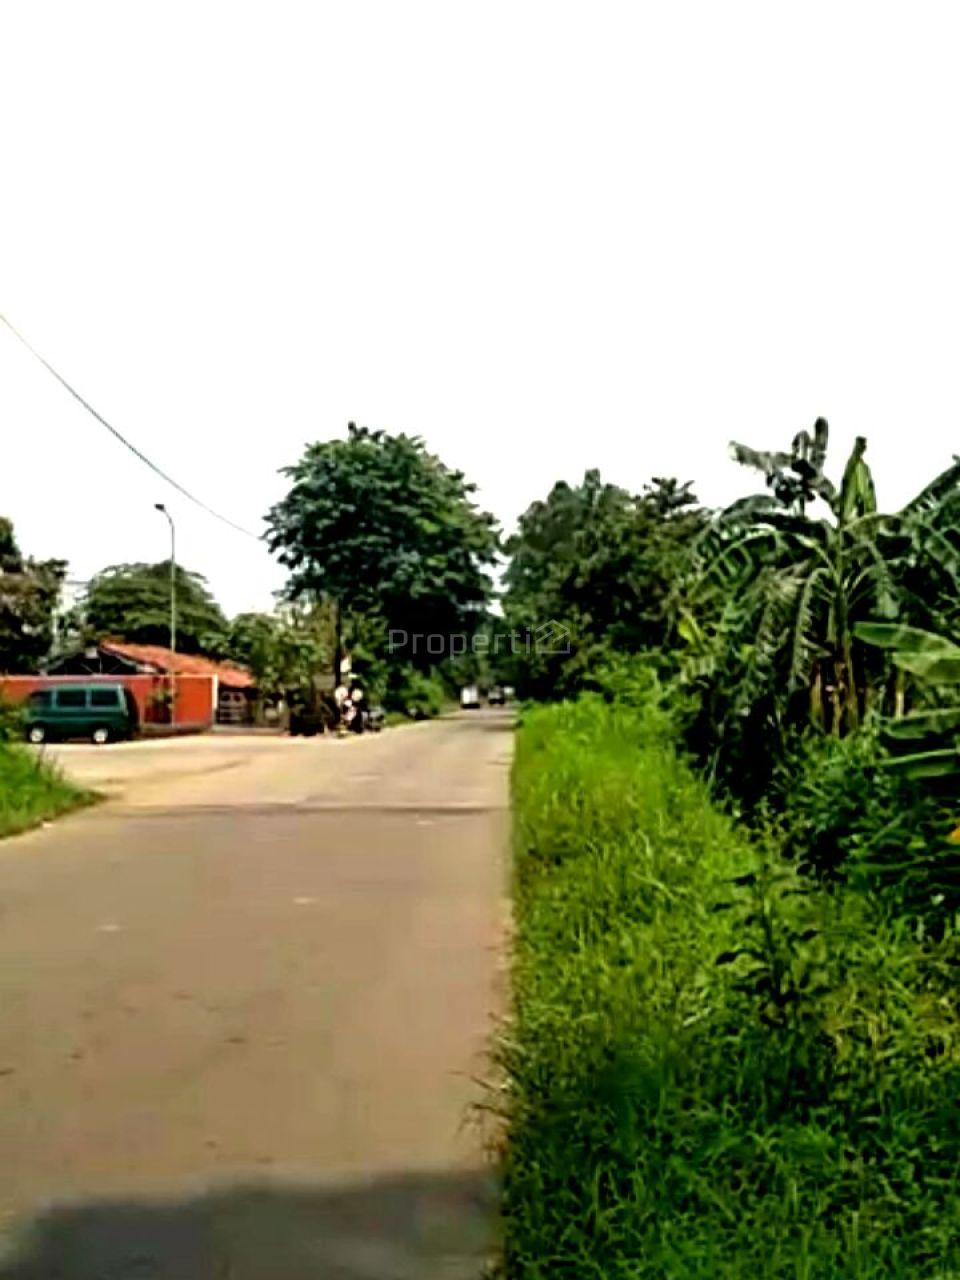 Lahan Peruntukan Industri dan Gudang di Citeureup, Bogor, Kab. Bogor